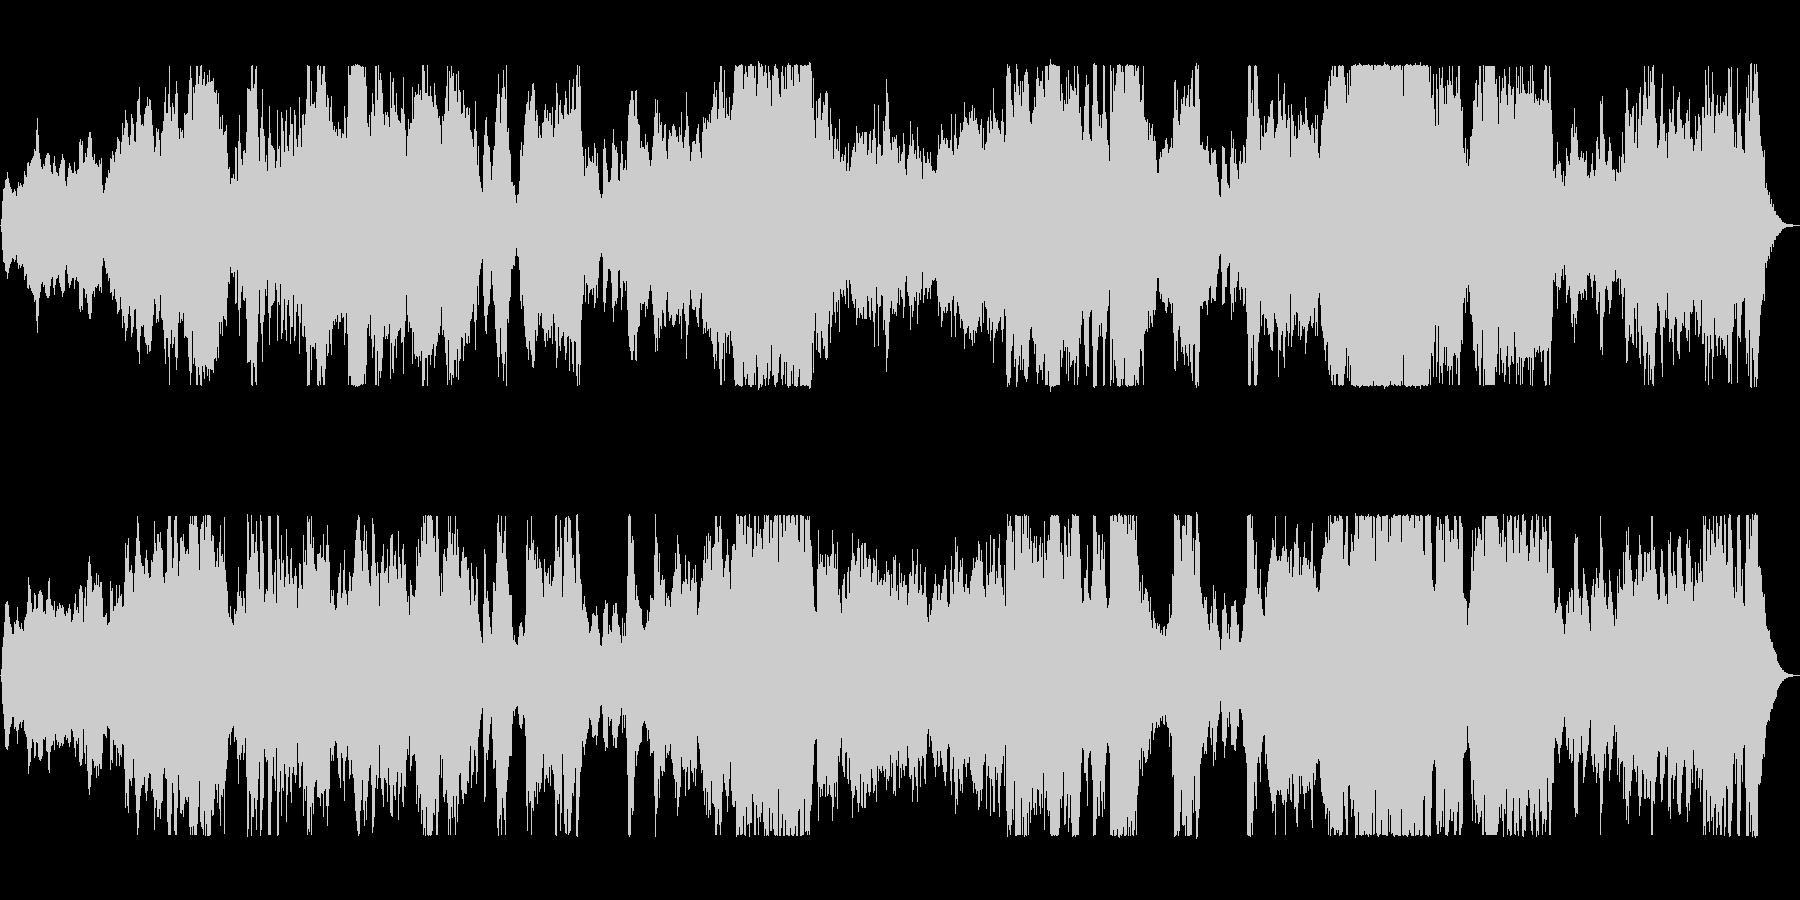 壮大で大迫力トランペット金管楽器サウンドの未再生の波形